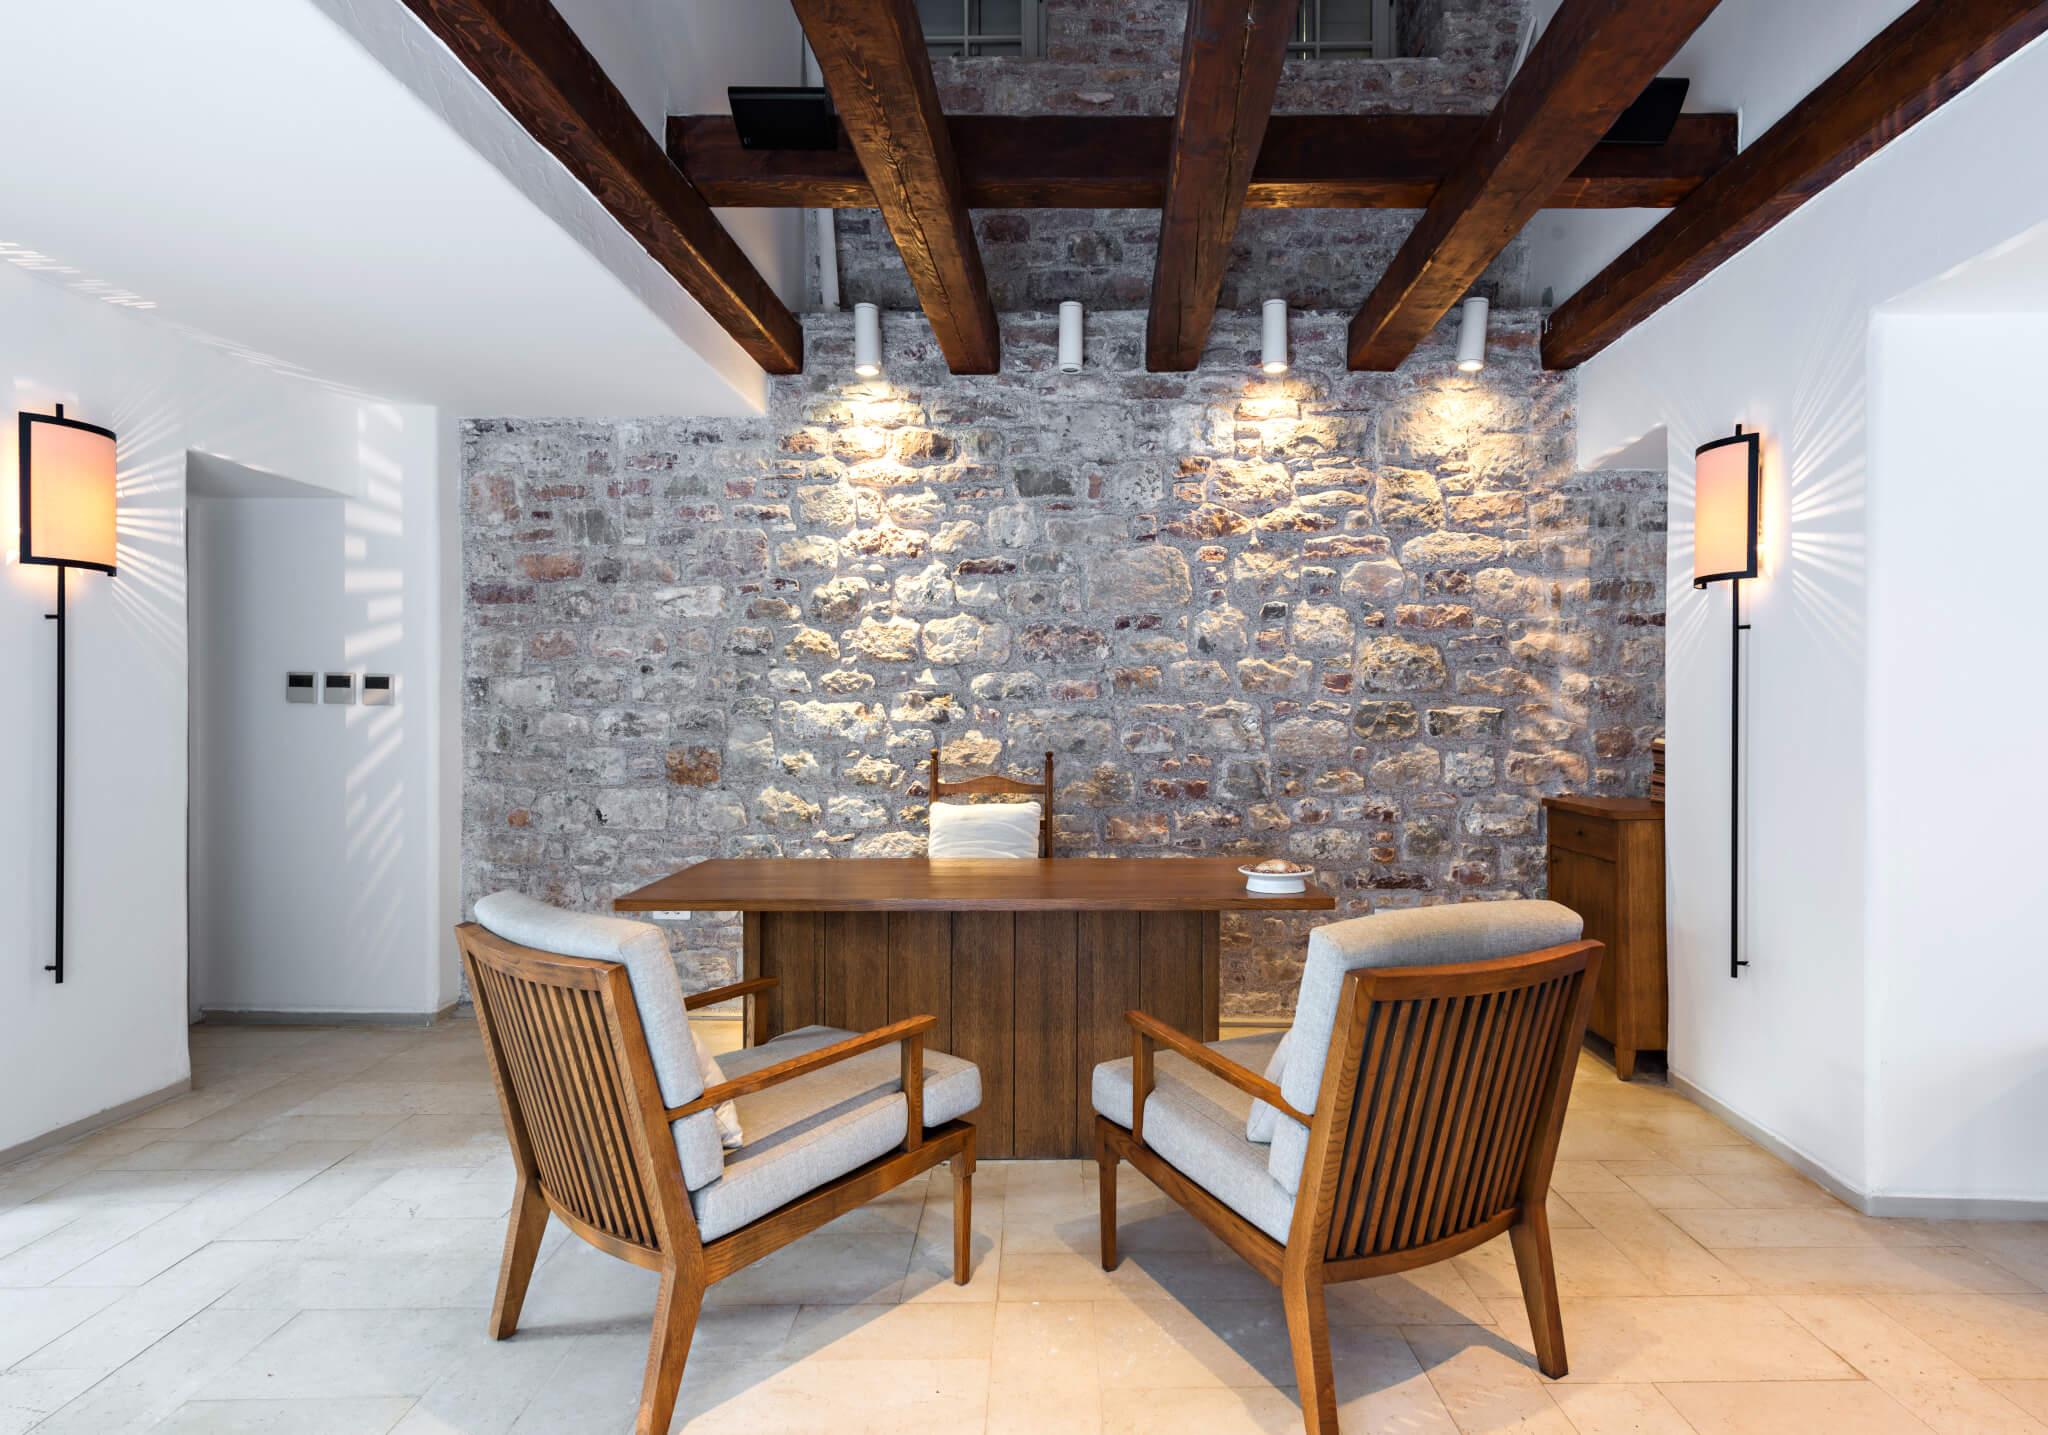 Soggiorno Con Pietra A Vista idee geniali per pareti in pietra naturale, pietra